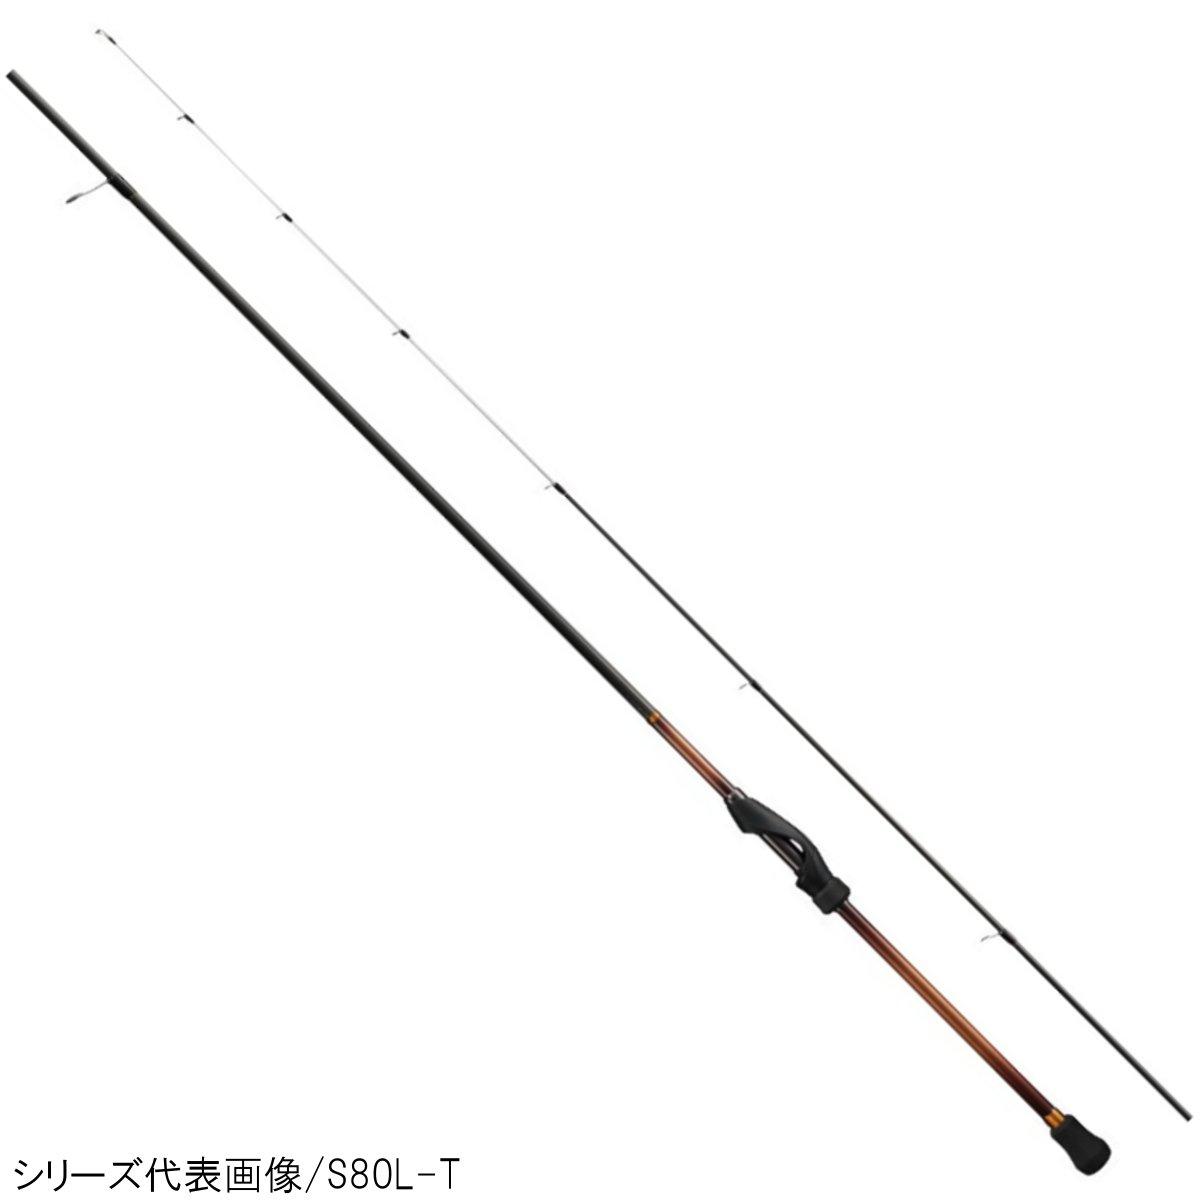 BB ソアレ S76UL-T(アジングロッド) シマノ